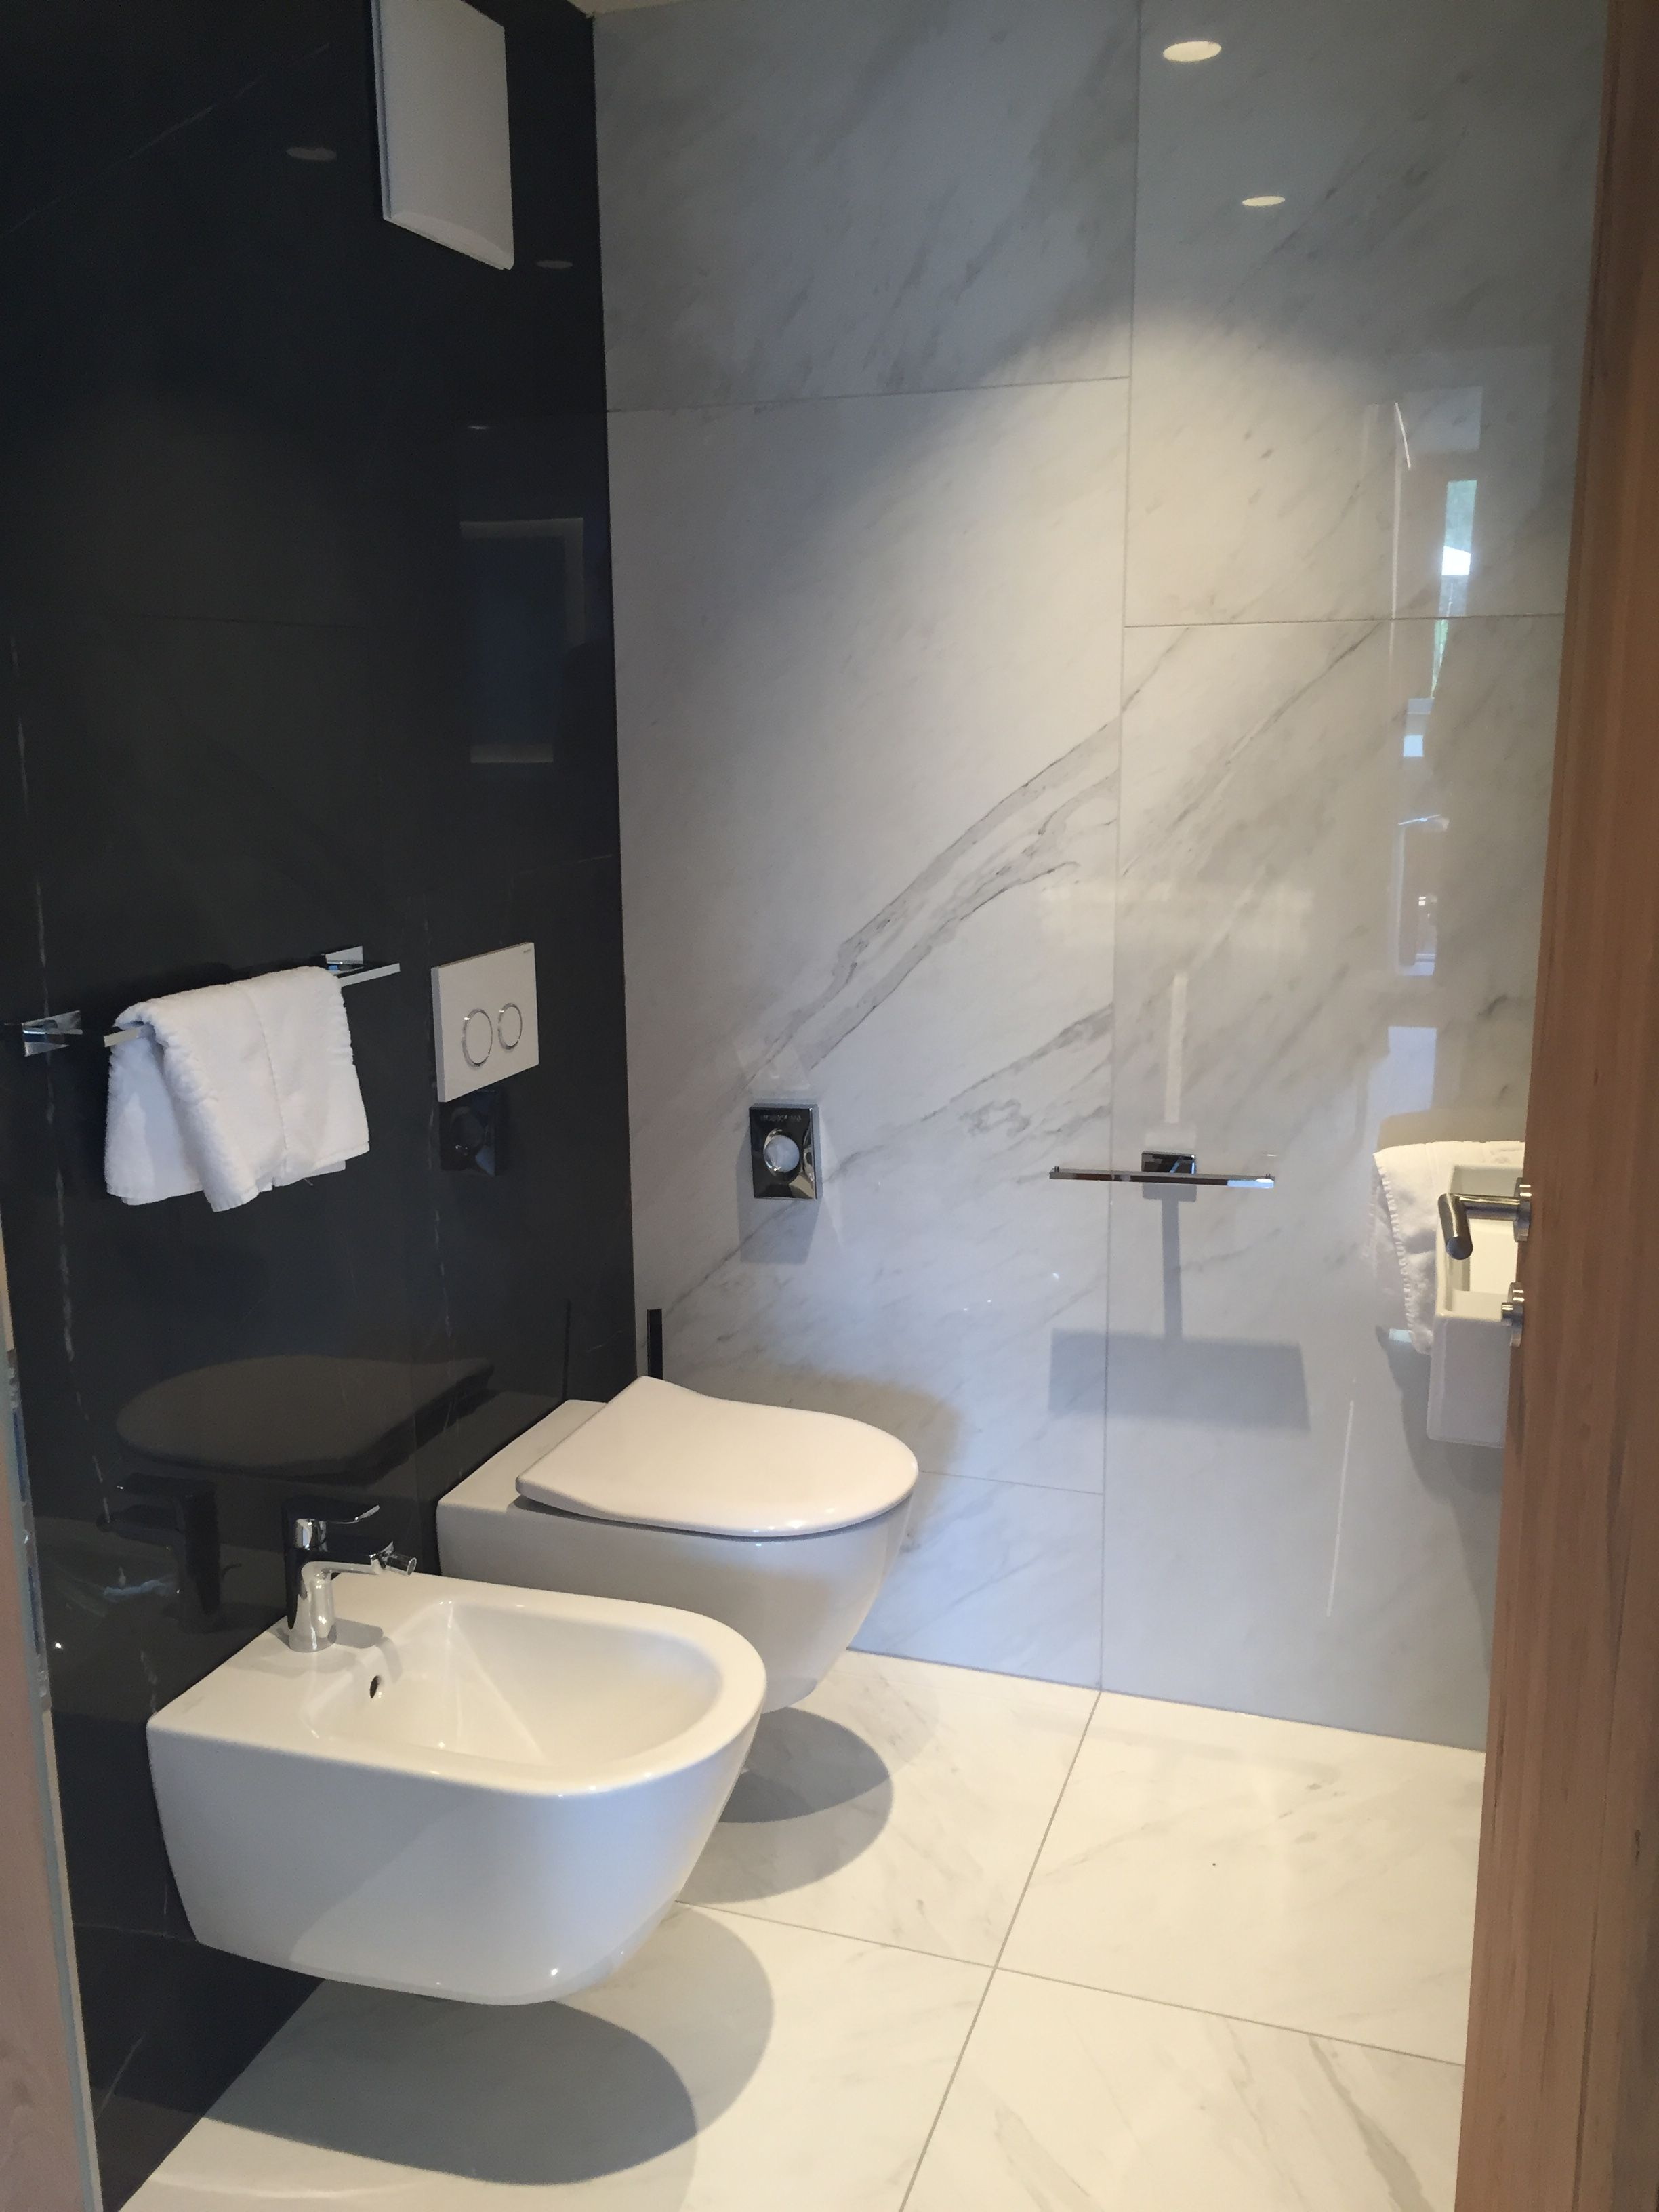 Kleines Badezimmer Mit Xxl Fliesen In Marmoroptik Badezimmer Fliesen Marmorfliesen Badezimmer Fliesen Badezimmer Badezimmer Fliesen Ideen